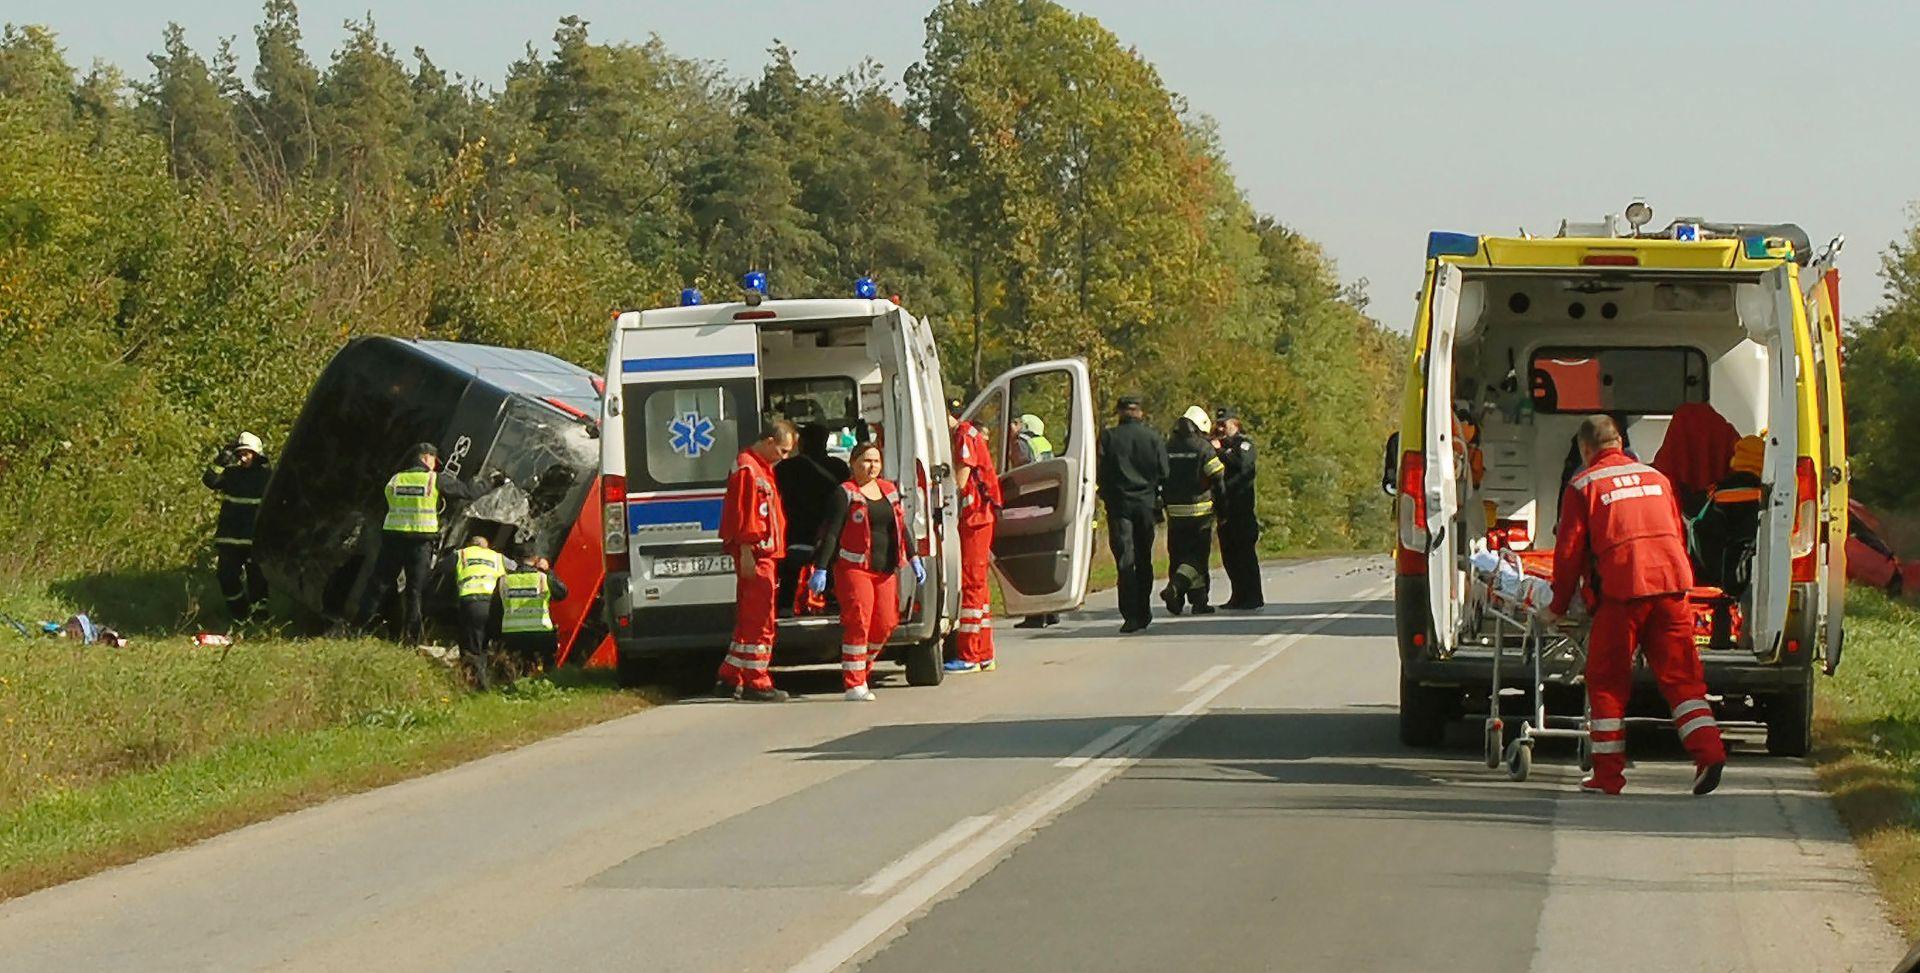 Policija objavila detalje nesreće u kojoj se prevrnuo autobus pun djece